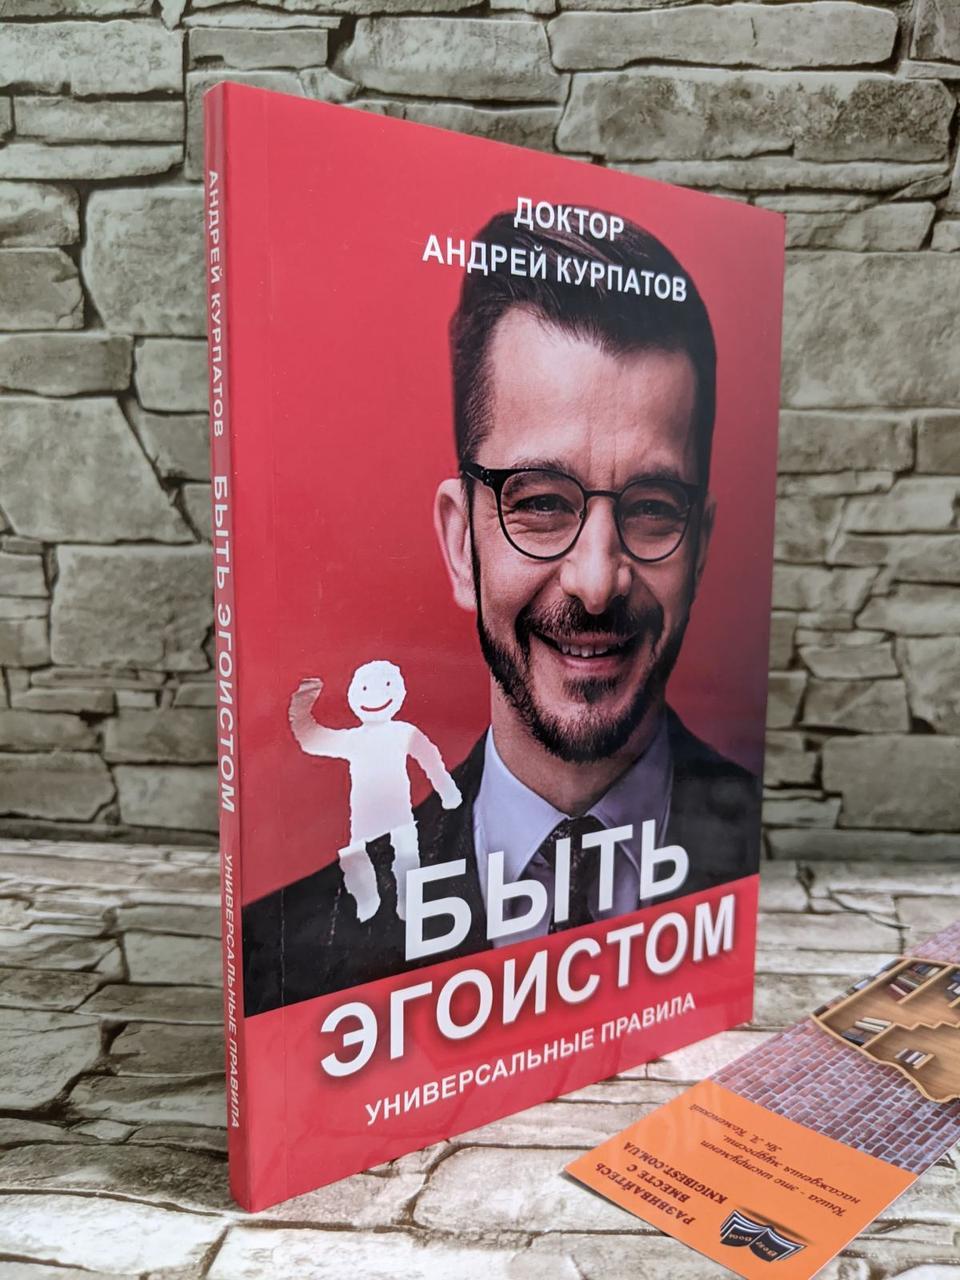 """Книга """"Быть эгоистом""""  Андрей Курпатов"""